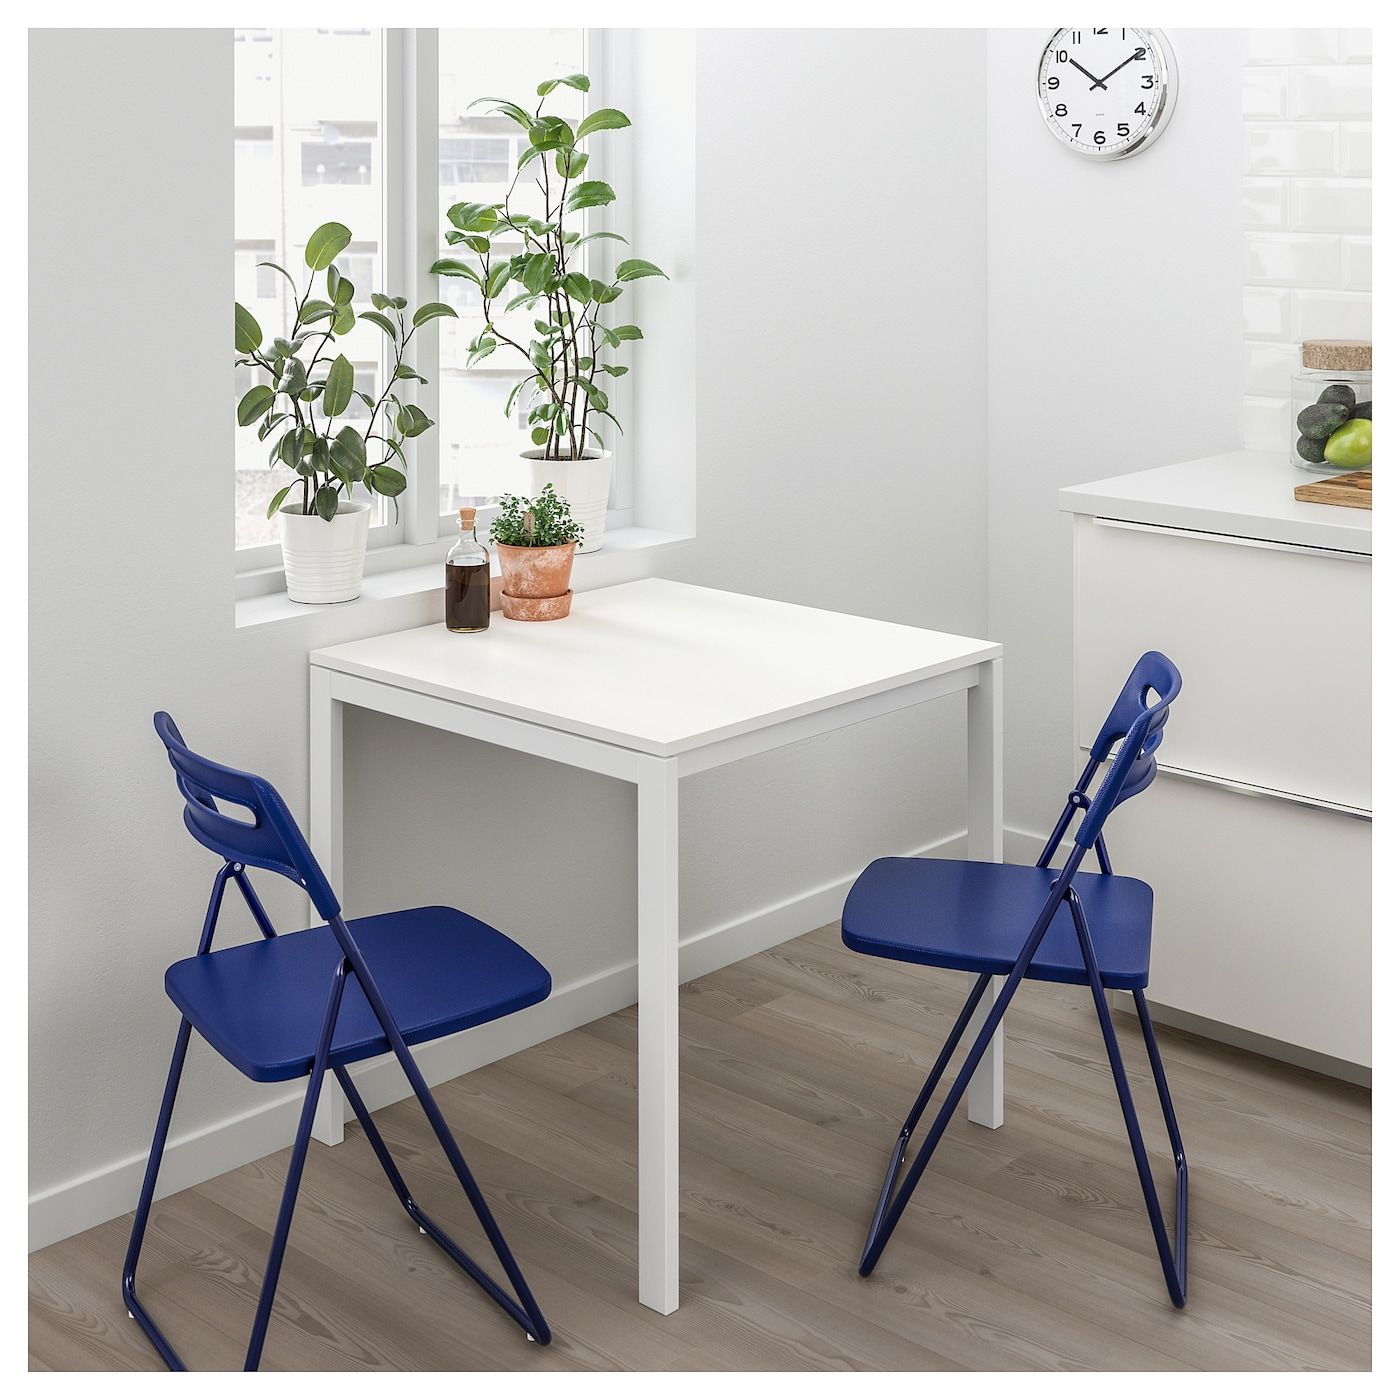 Ikea Sedie Pieghevoli Nisse.Melltorp Nisse Tavolo E 2 Sedie Pieghevoli Bianco Blu Lilla